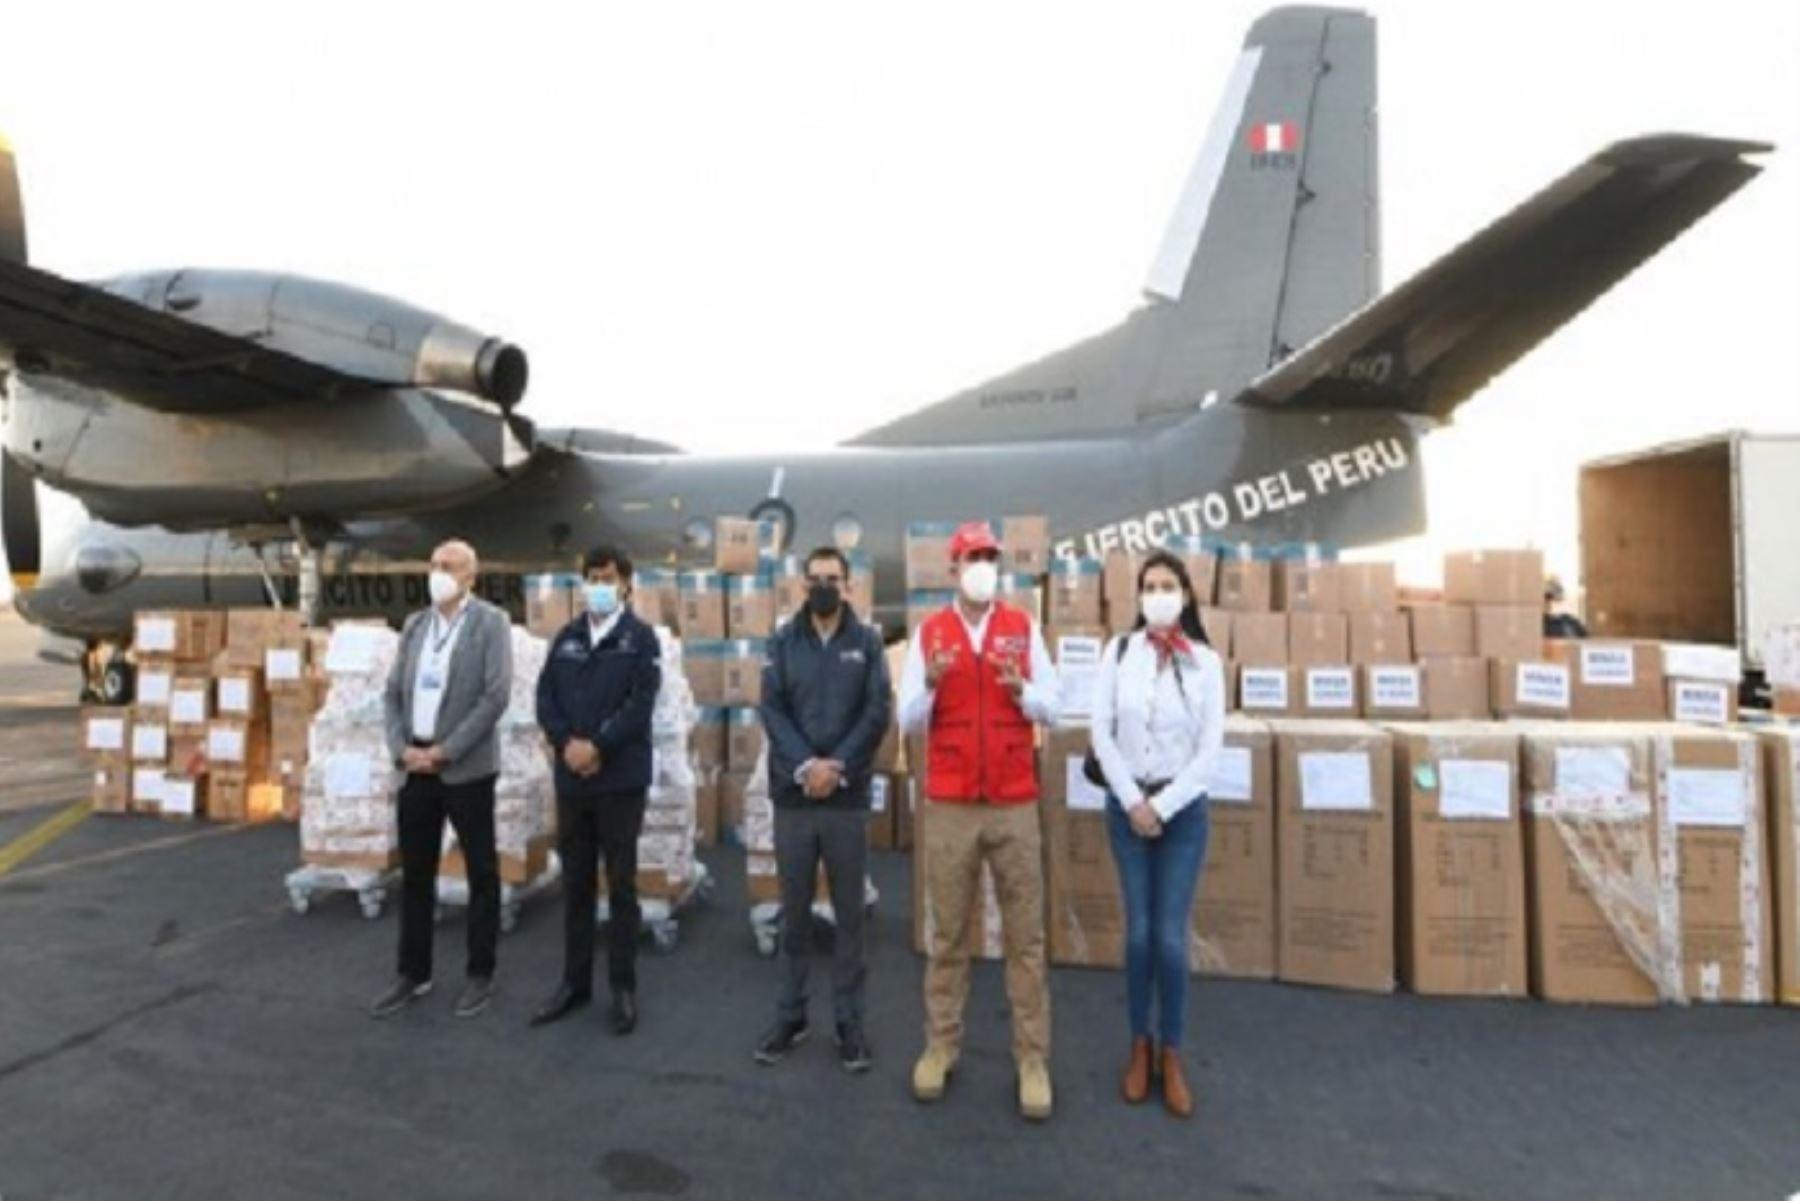 El ministro del Interior, Gastón Rodríguez, llevó equipos médicos a la región La Libertad y se reunió con autoridades.